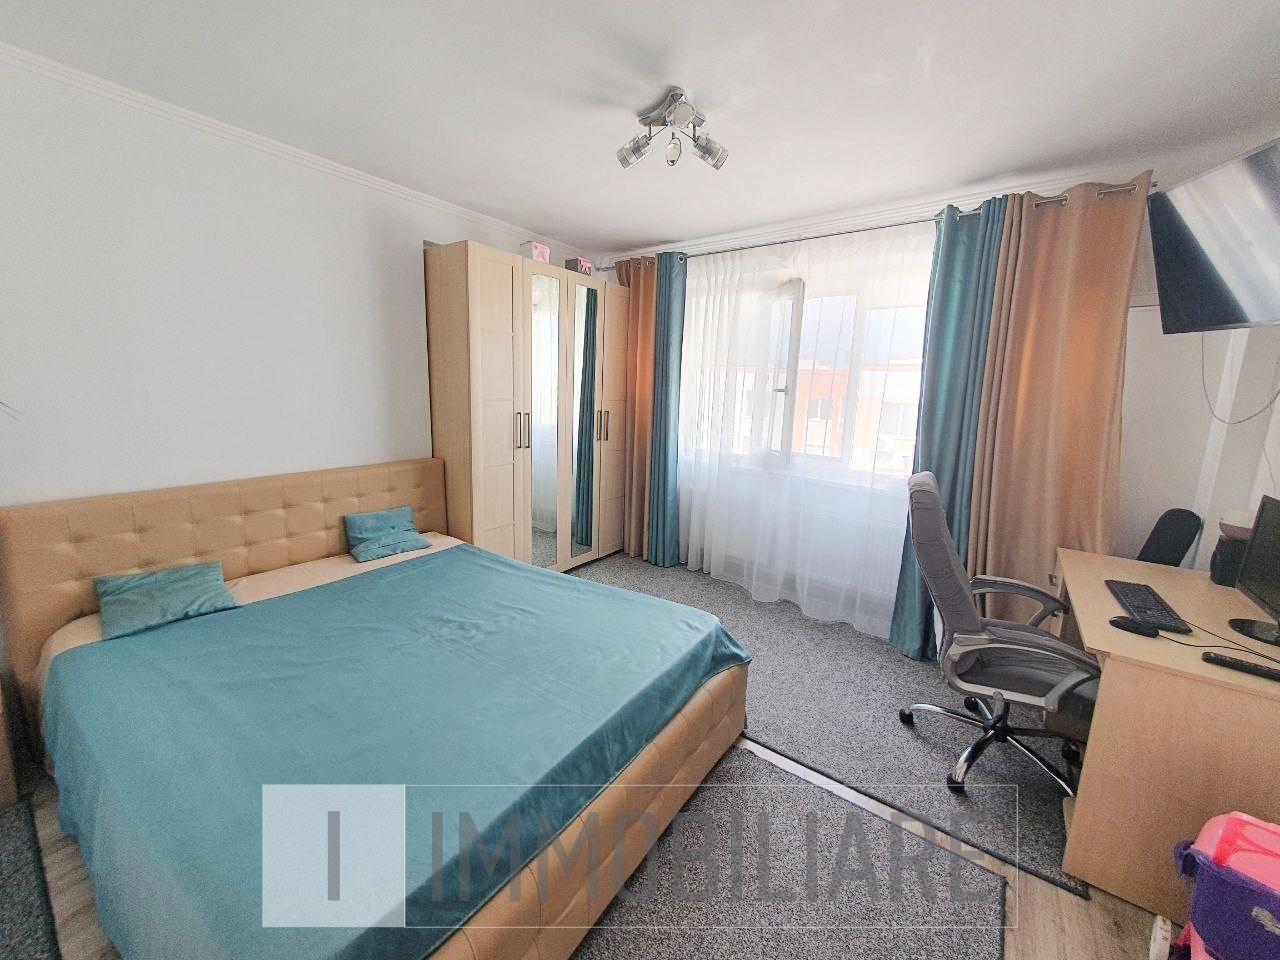 Apartament cu 1 cameră, sect. Buiucani, bd. Alba Iulia.